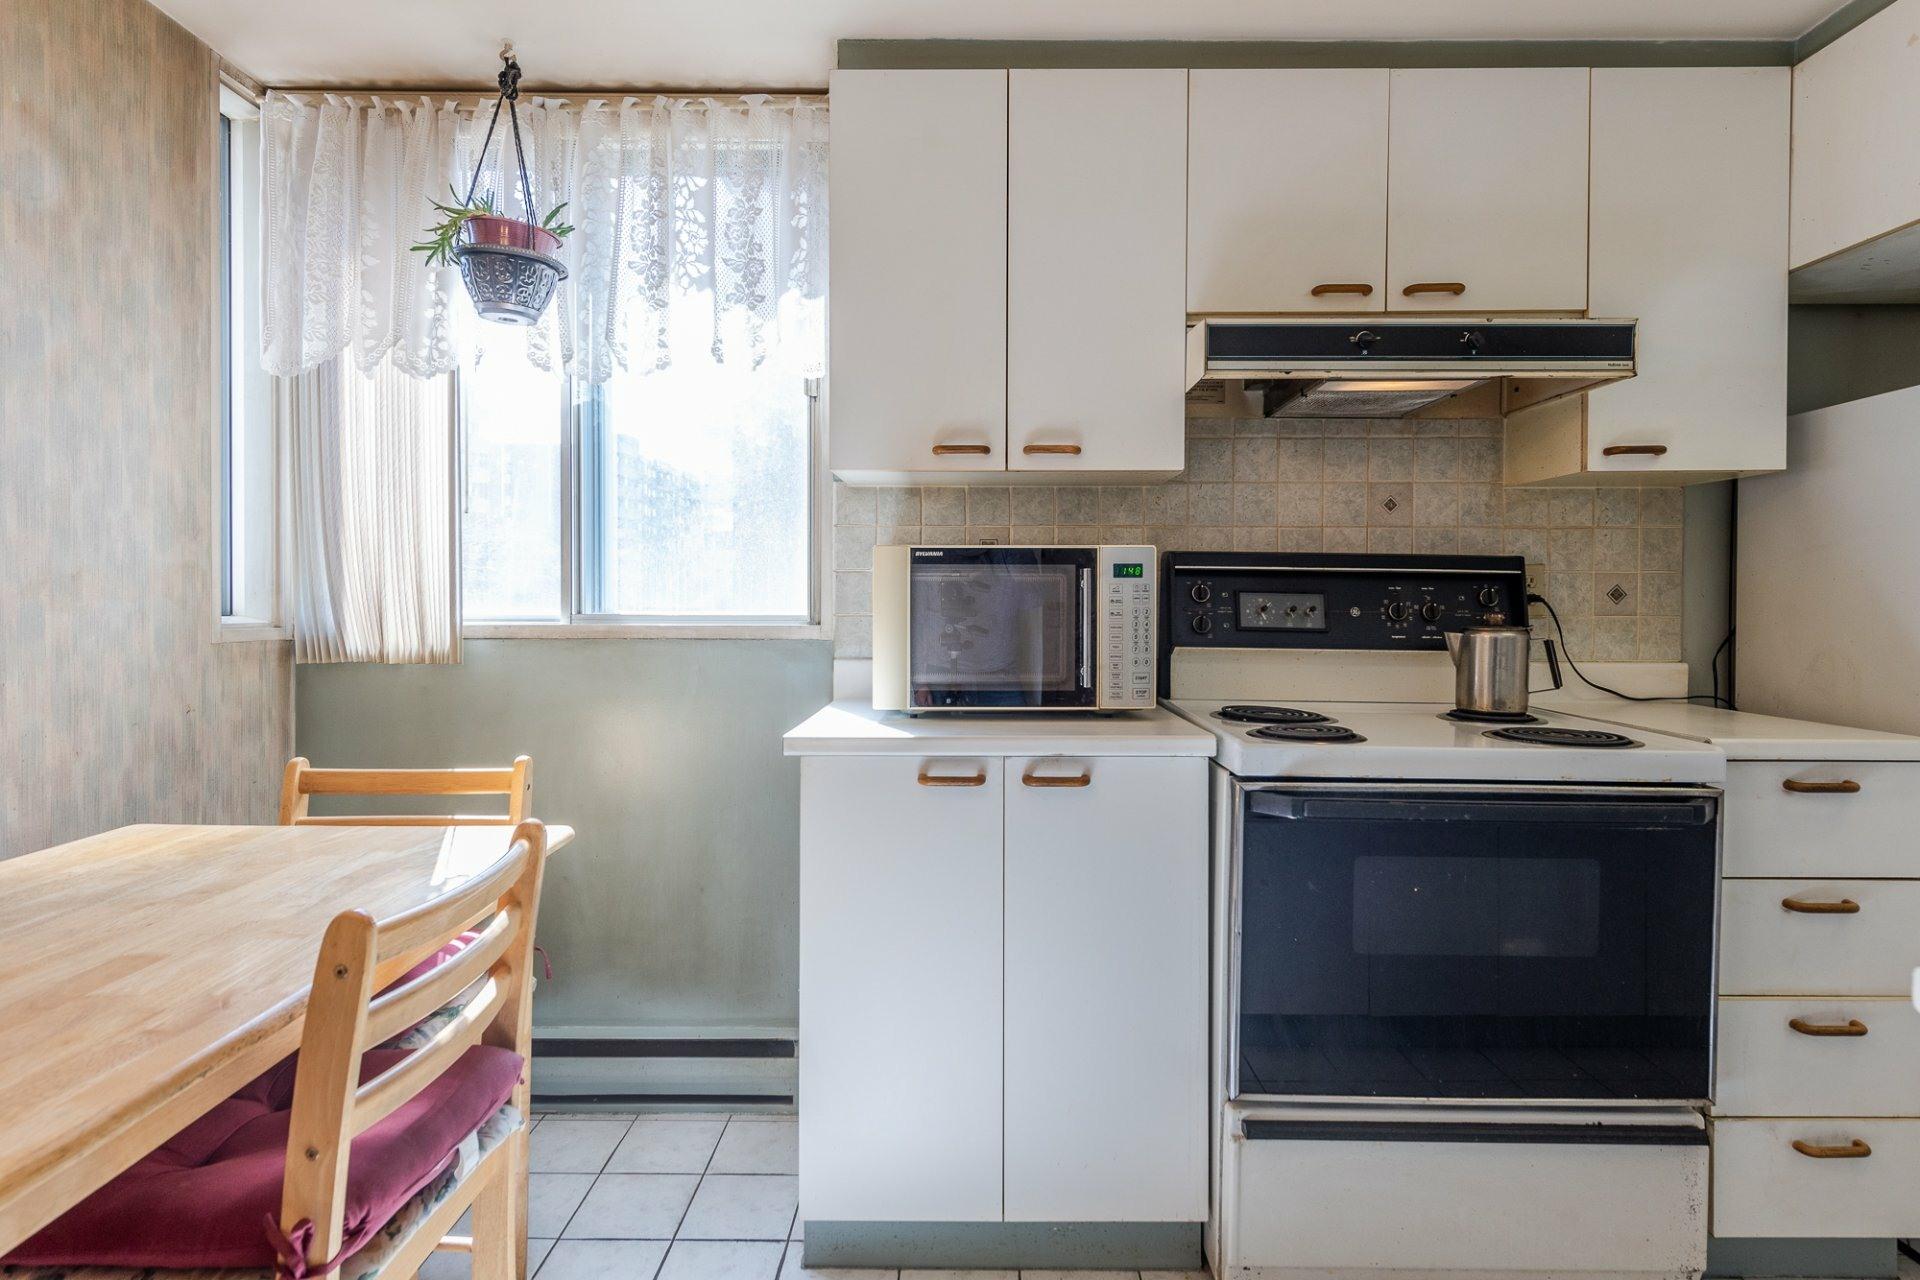 image 14 - Apartment For sale Montréal Saint-Laurent  - 5 rooms